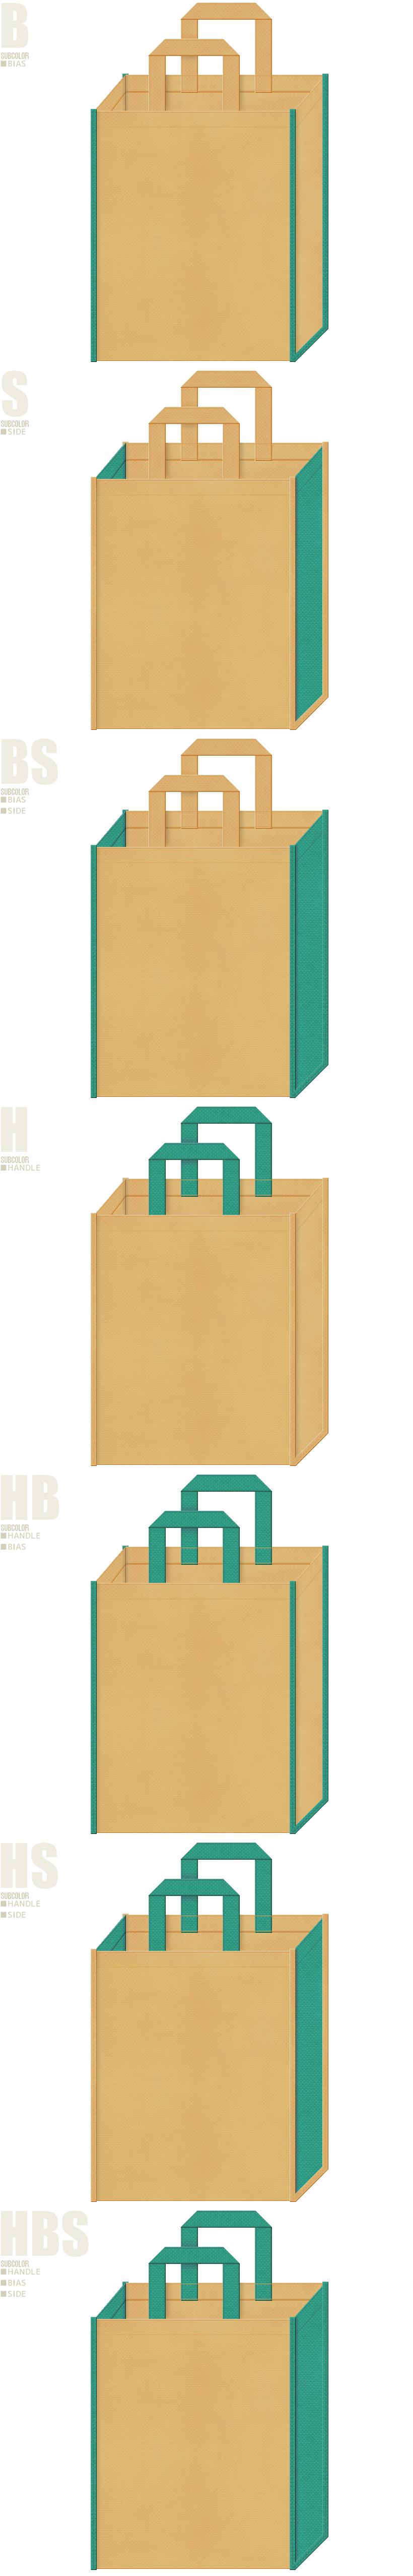 薄黄土色と青緑色、7パターンの不織布トートバッグ配色デザイン例。